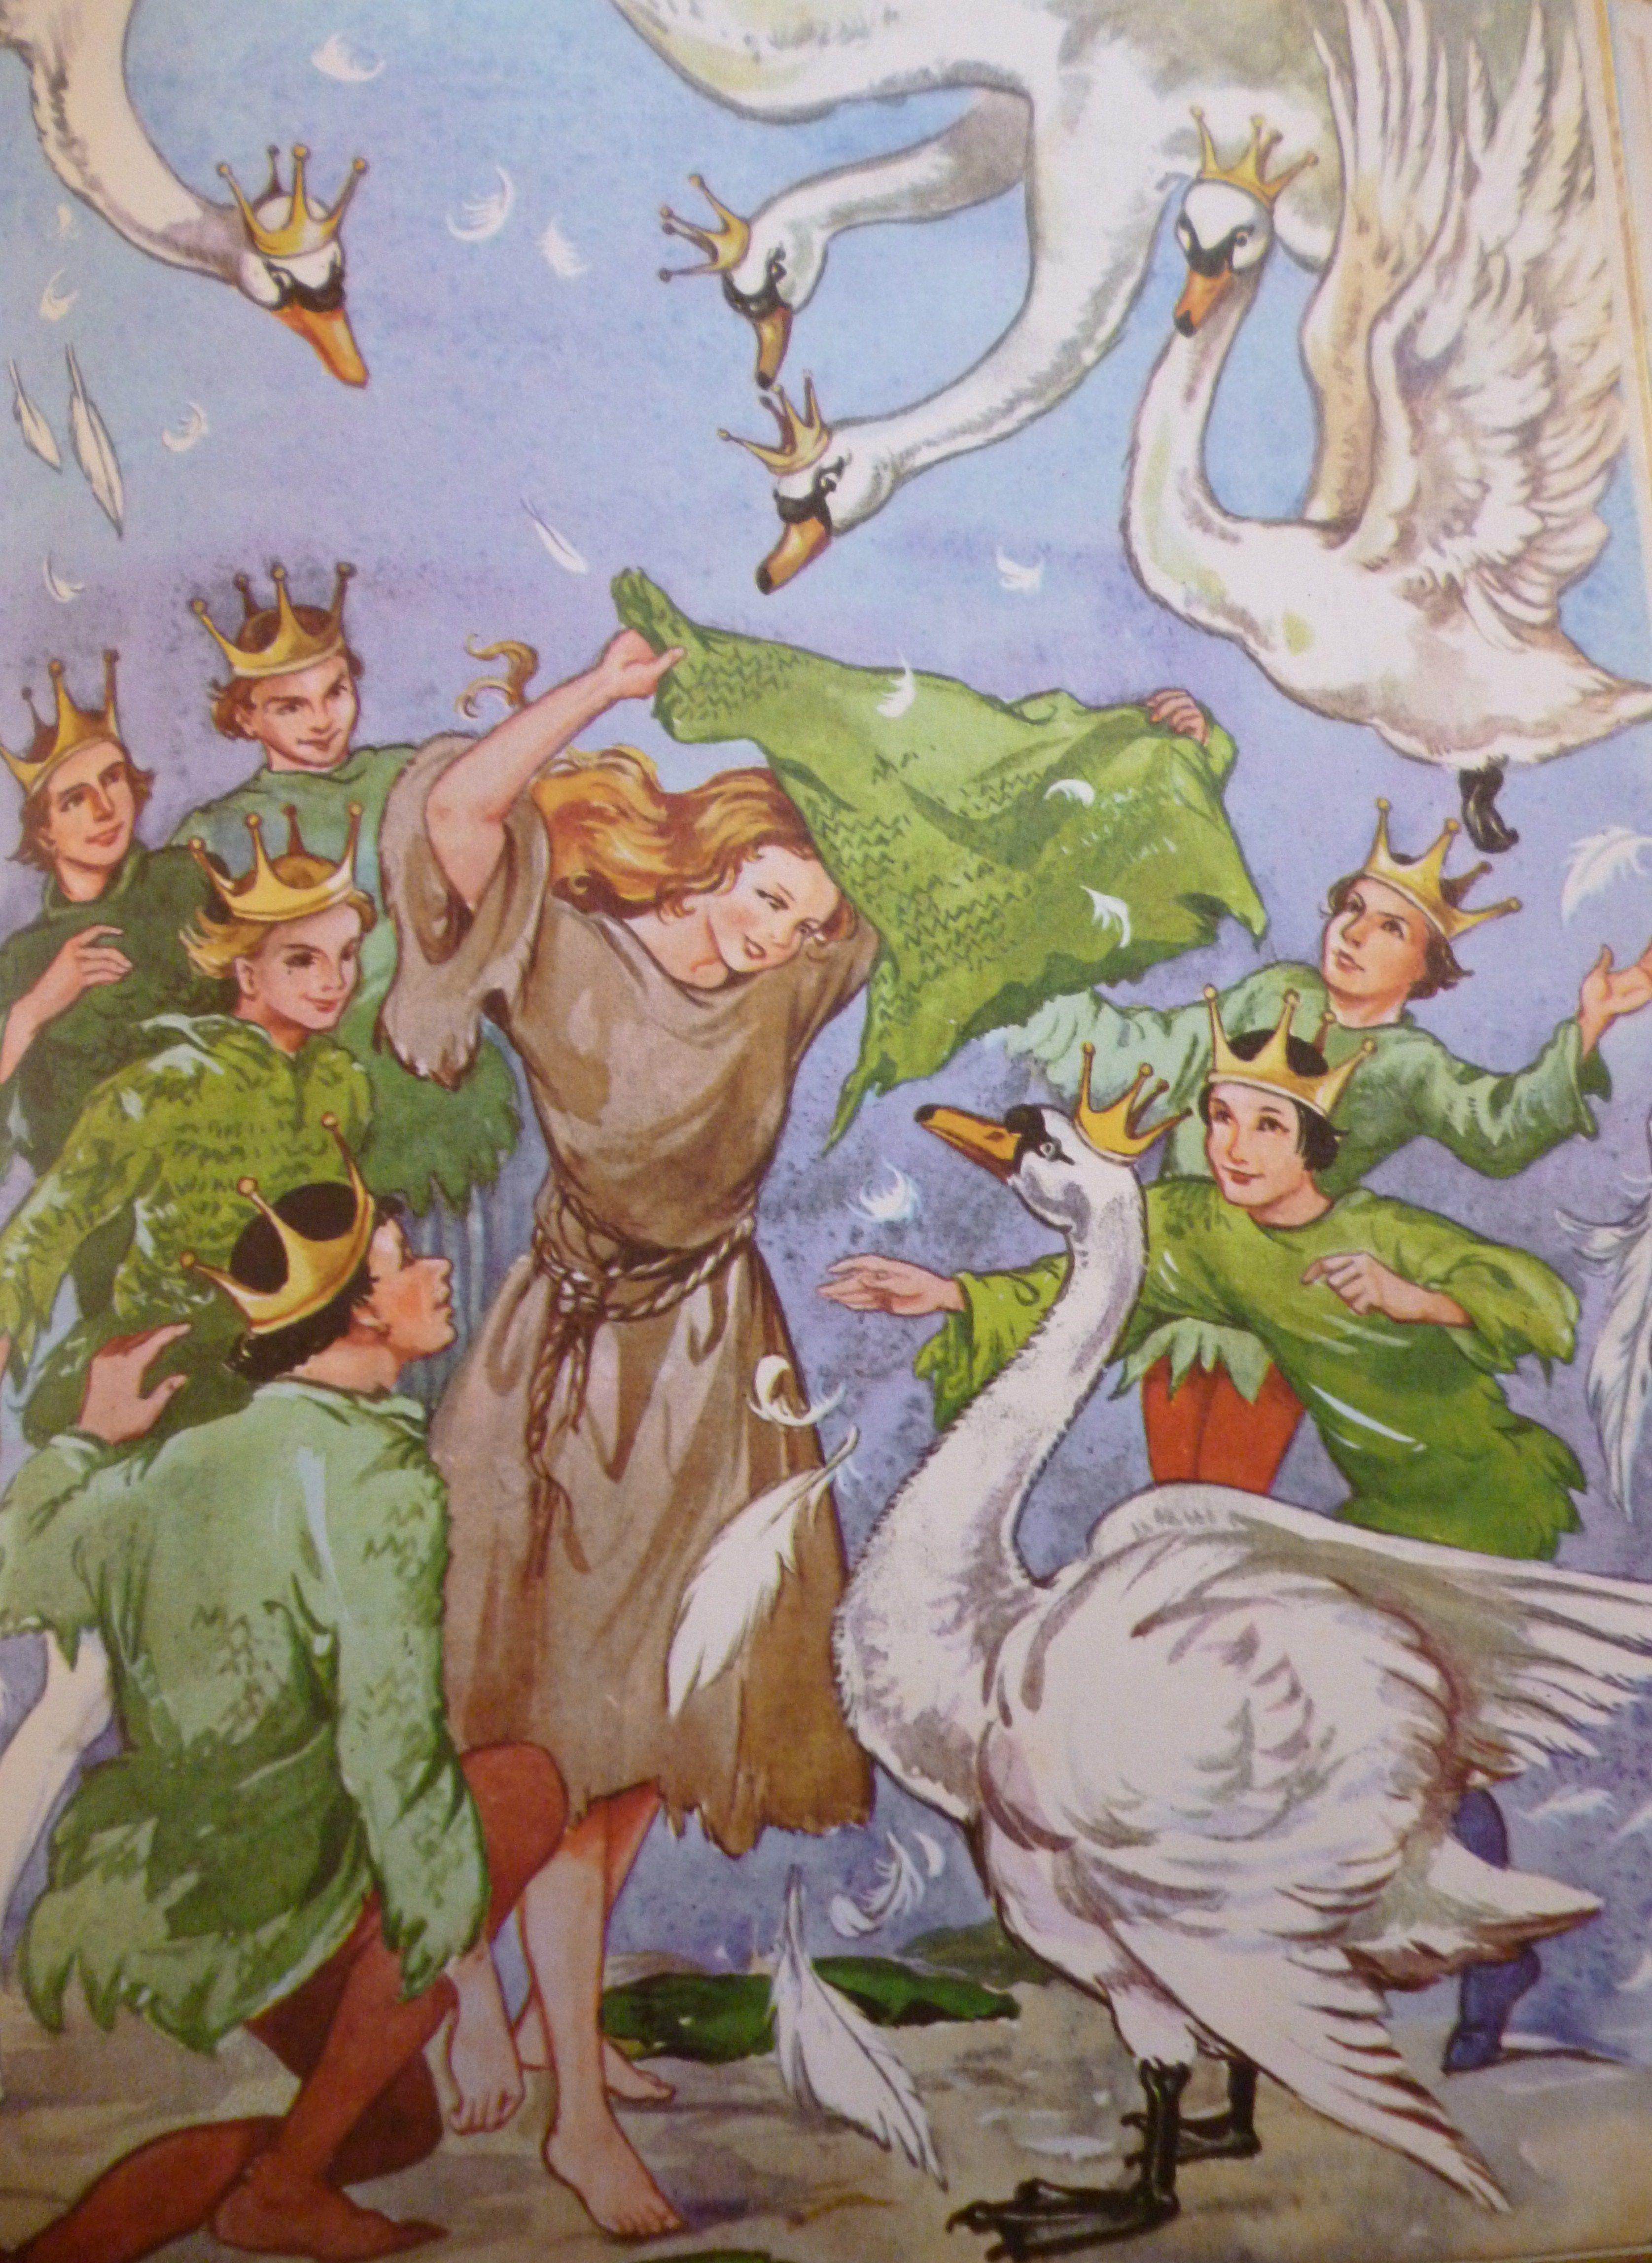 жилом иллюстрации к сказке шесть лебедей конструкции напрямую